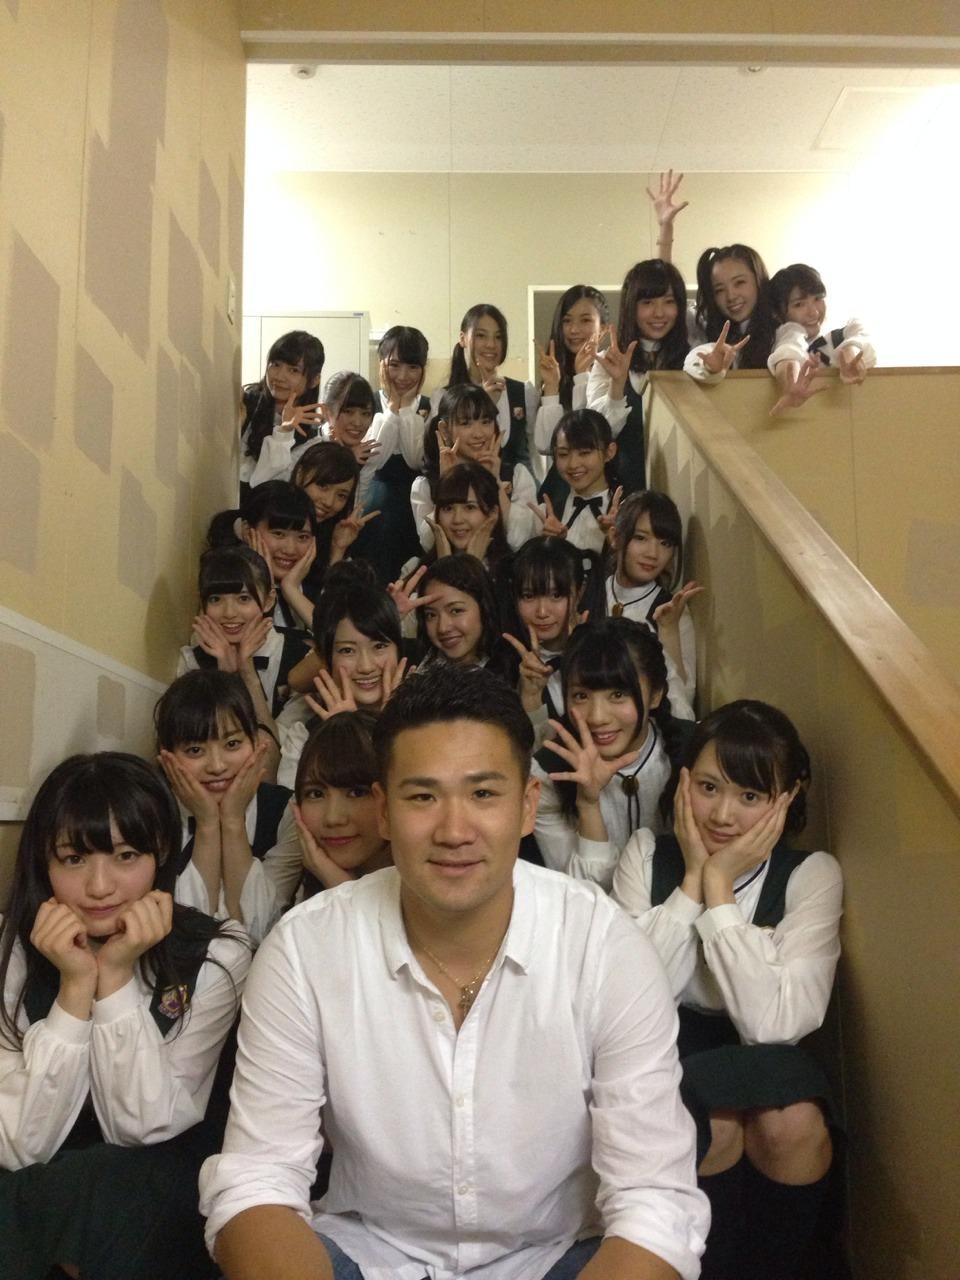 秋元真夏、橋本奈々未がNHKラジオ「月刊☆ロック判定」10月号に出演